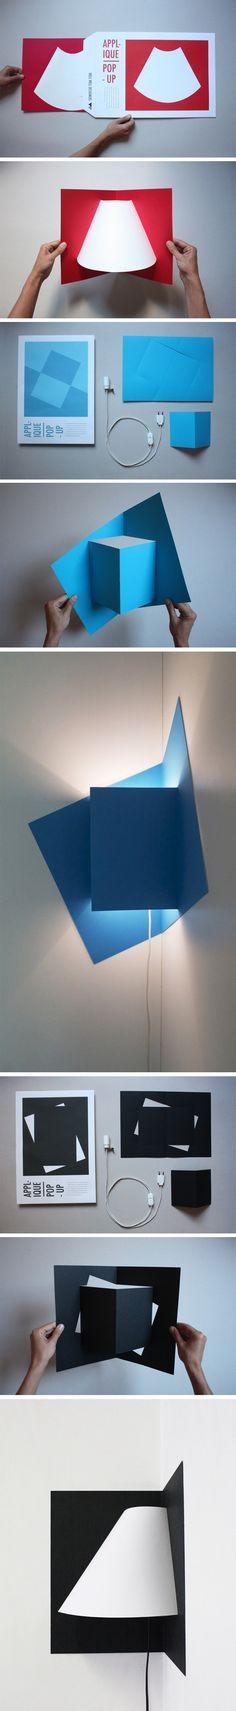 Pop-Up Light par Well Well Designers - Journal du Design